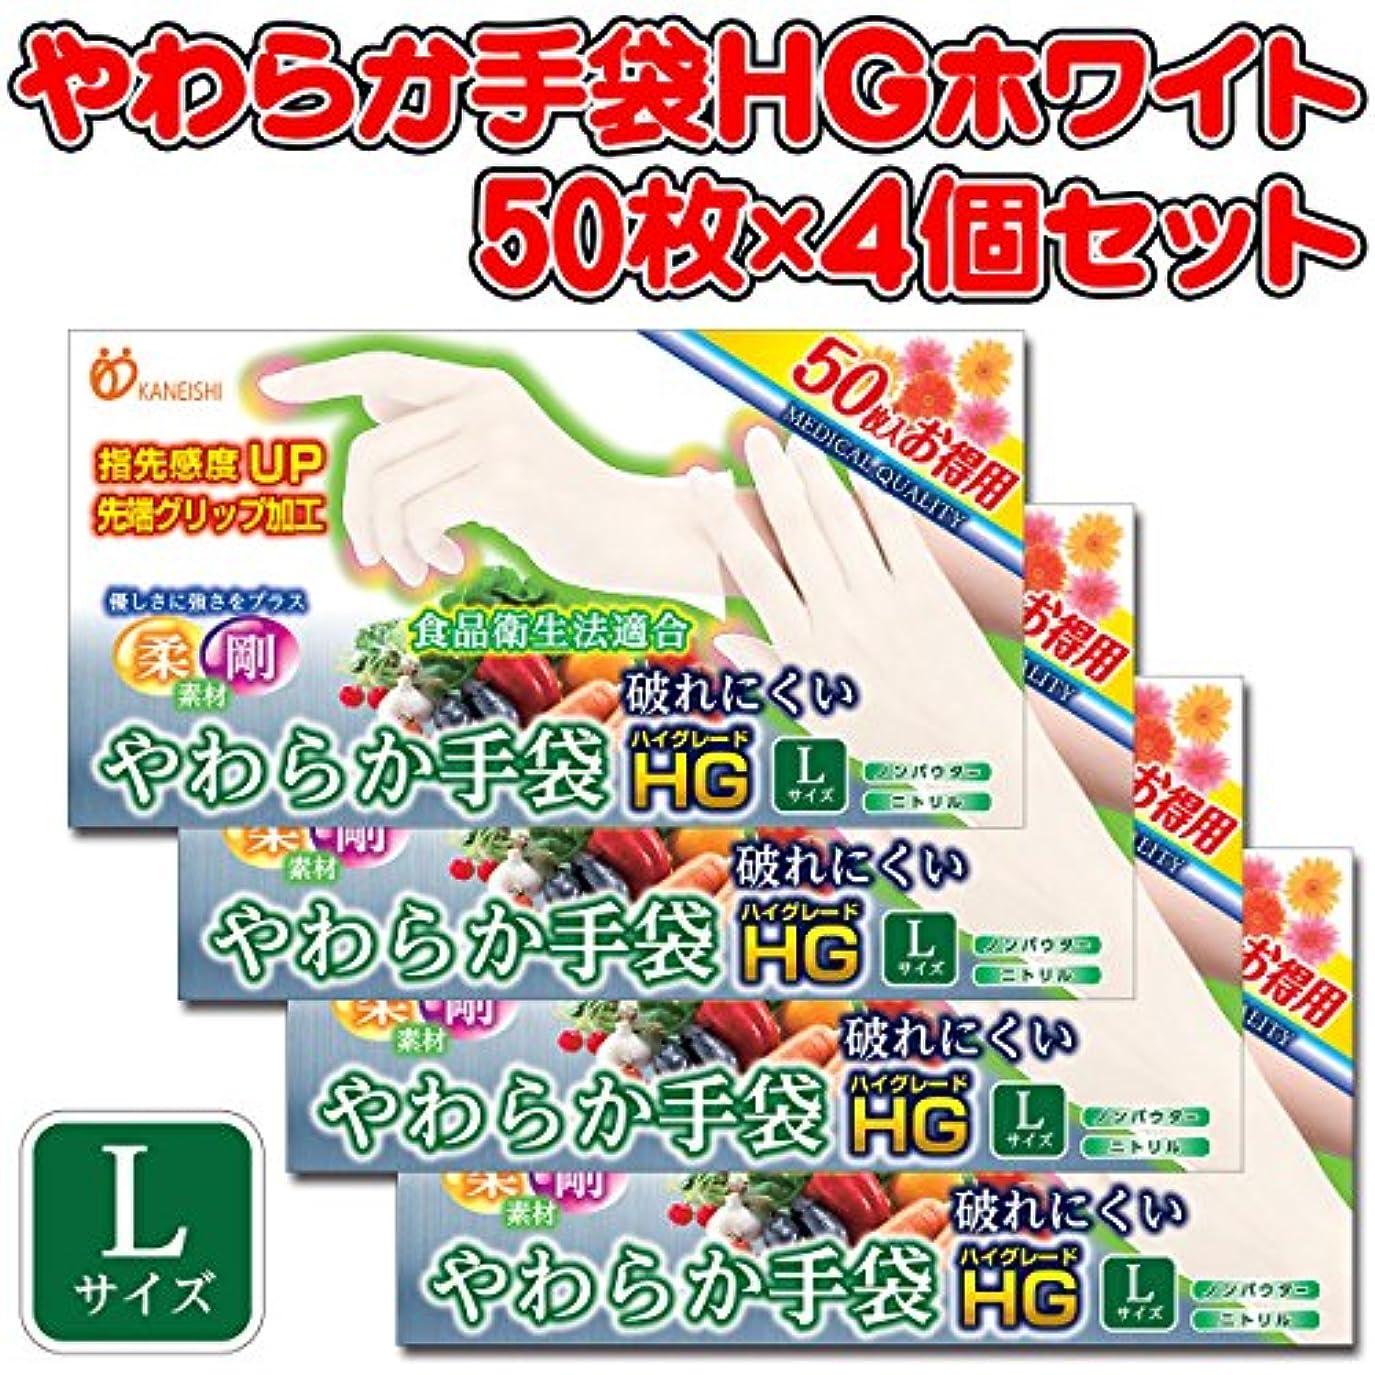 マッサージ逃げる財布やわらか手袋HG 二トリル手袋 パウダーフリー Lサイズ 50枚×4個セット×5個セット